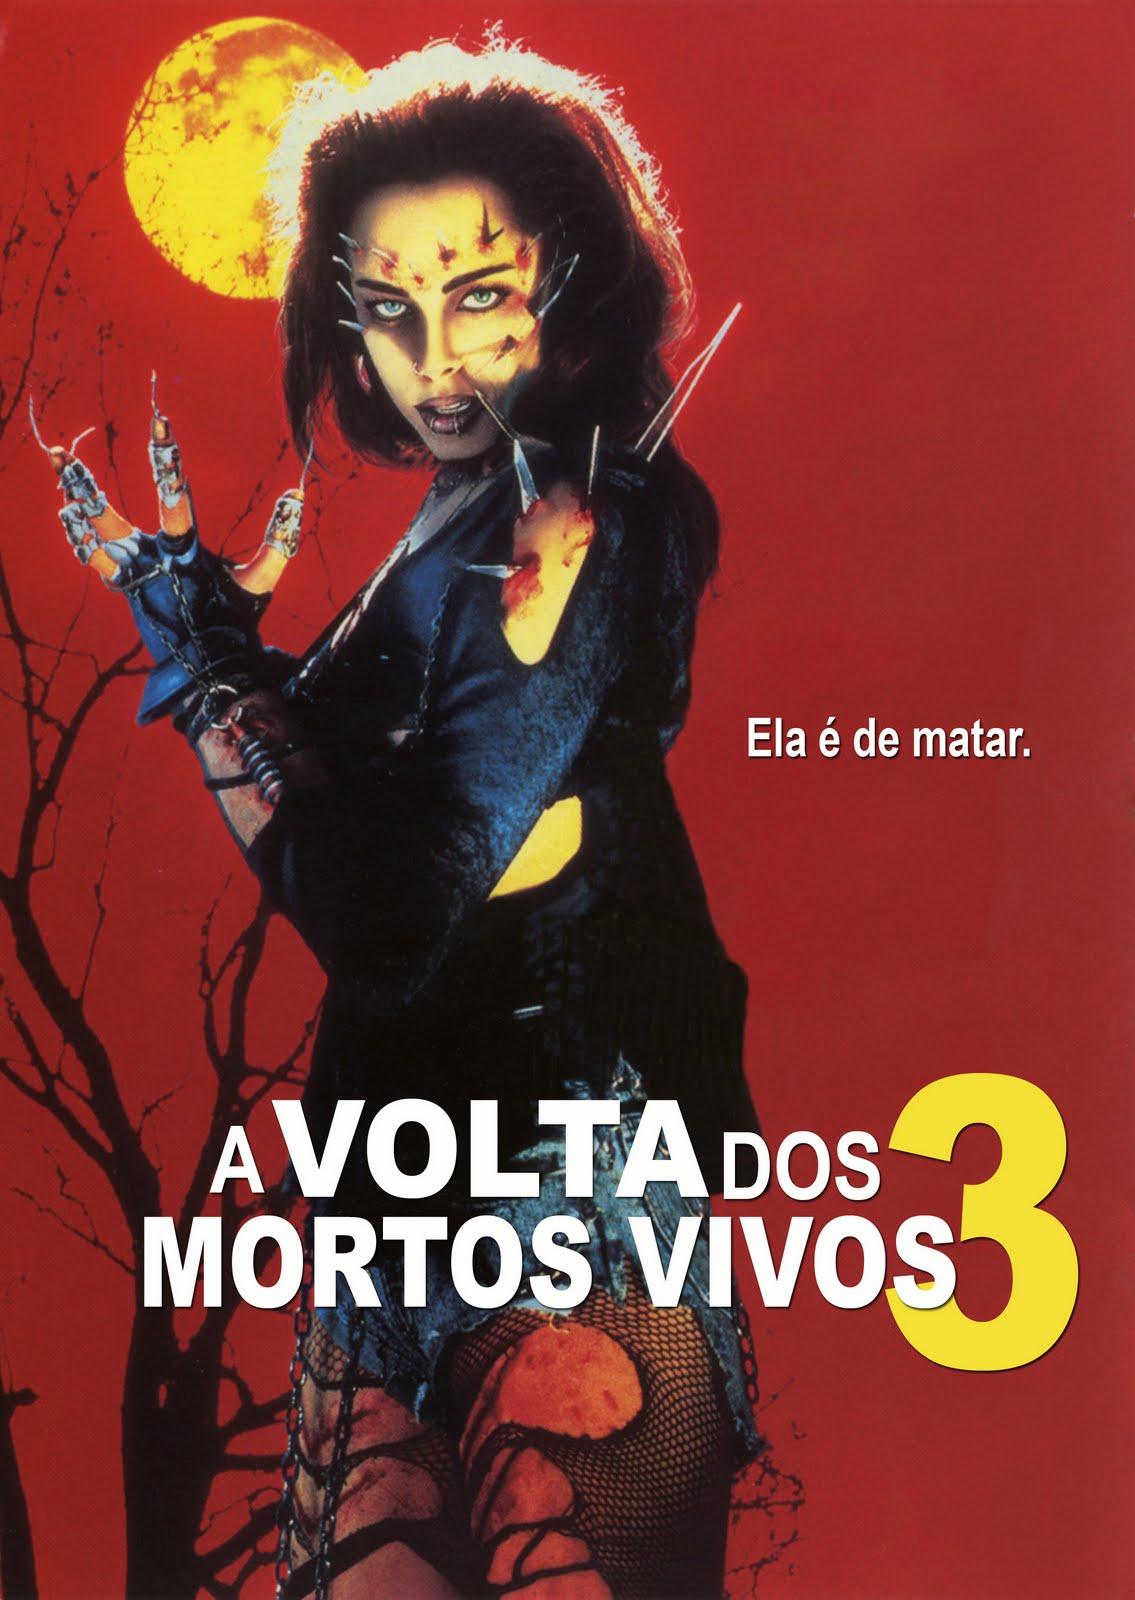 Filme Mortos Vivos for dia-z: a volta dos mortos-vivos 3 (return of the living dead part